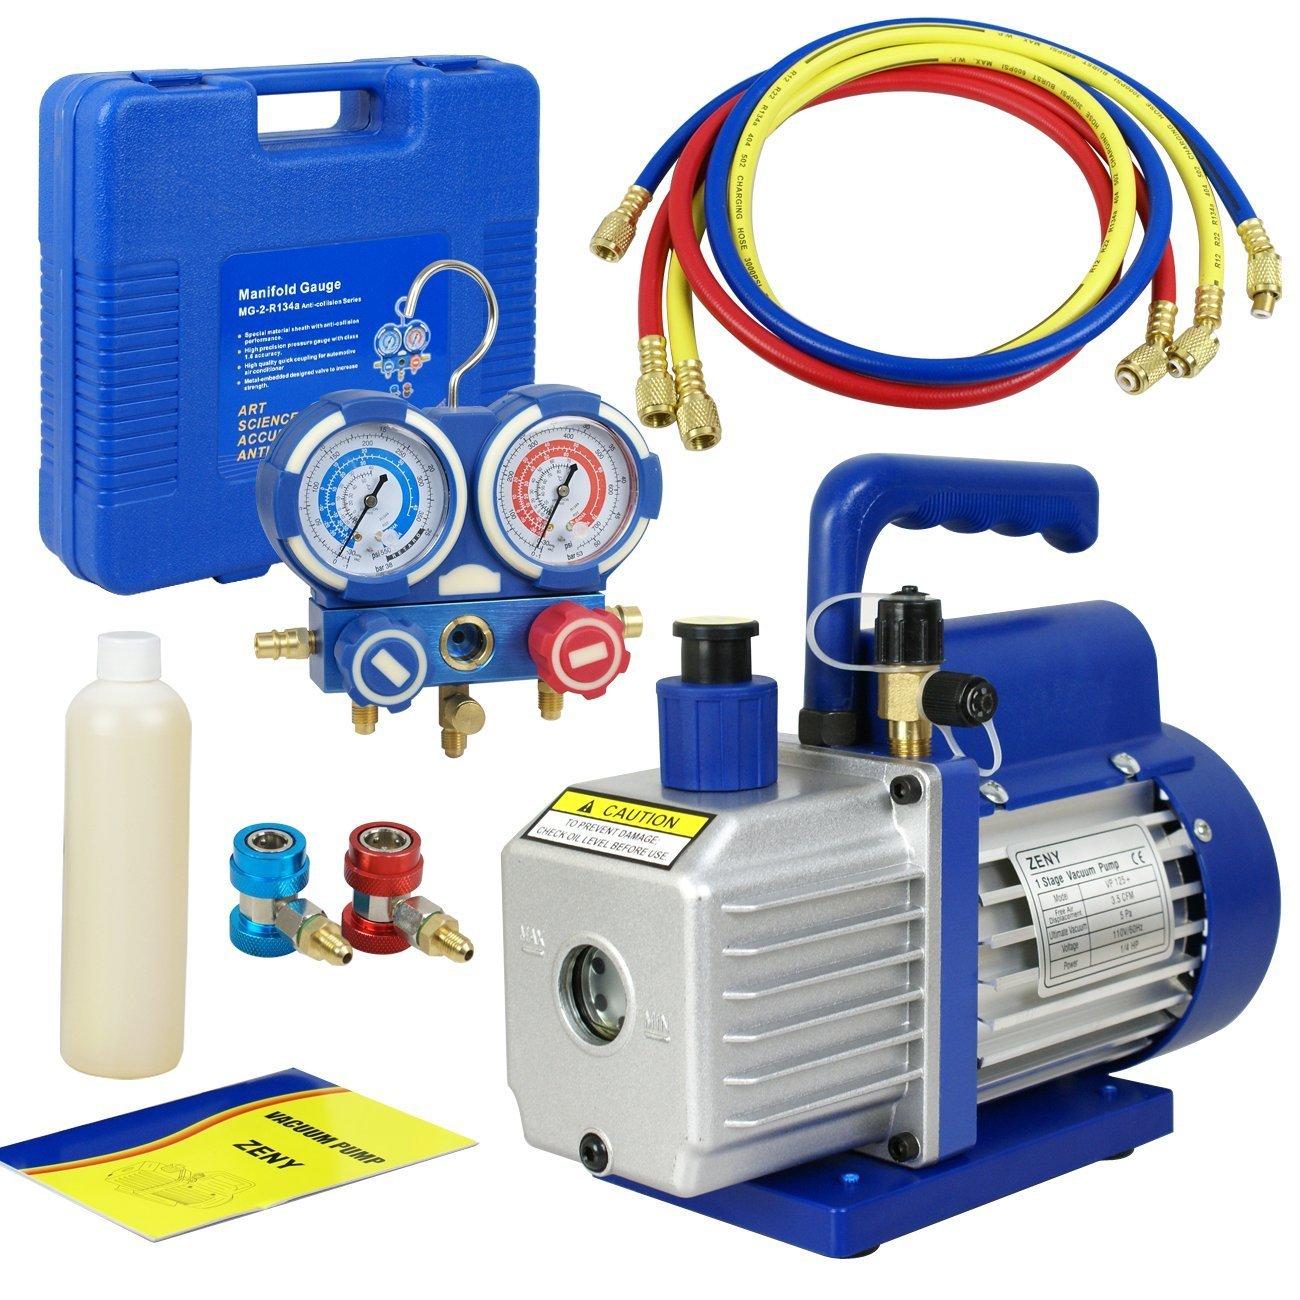 Cheap Hydraulic Rotary Manifold, find Hydraulic Rotary